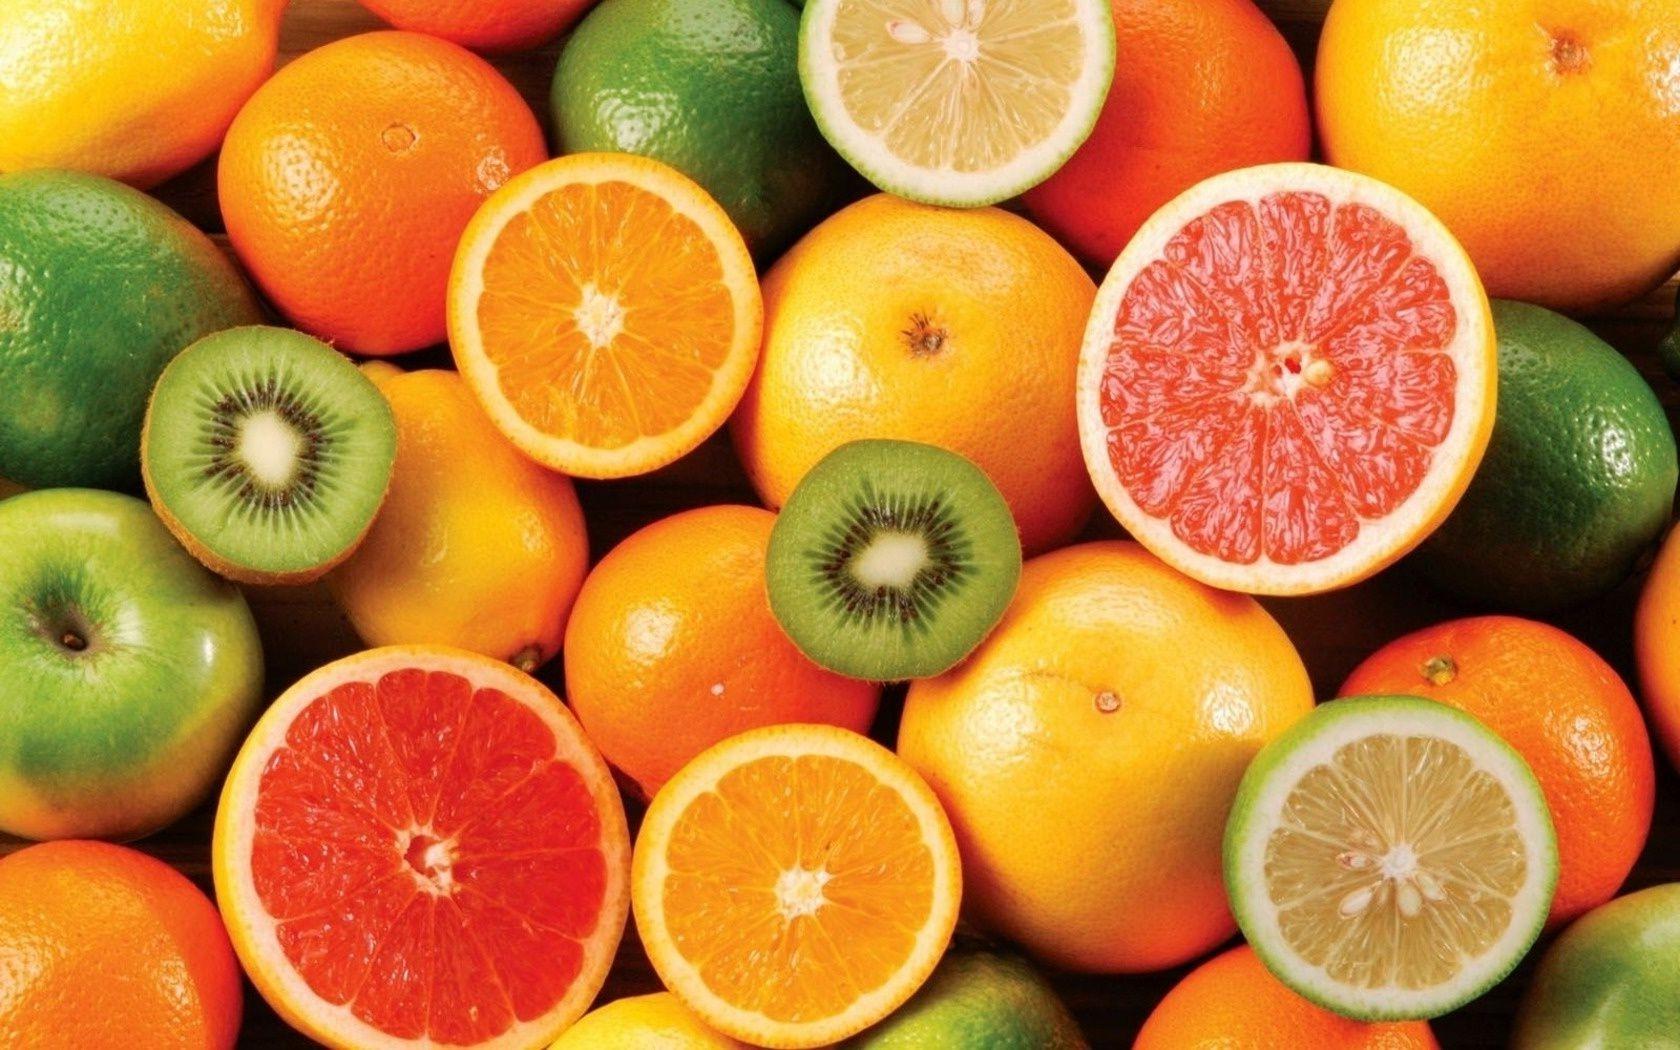 фон для фотографий фруктов прежде